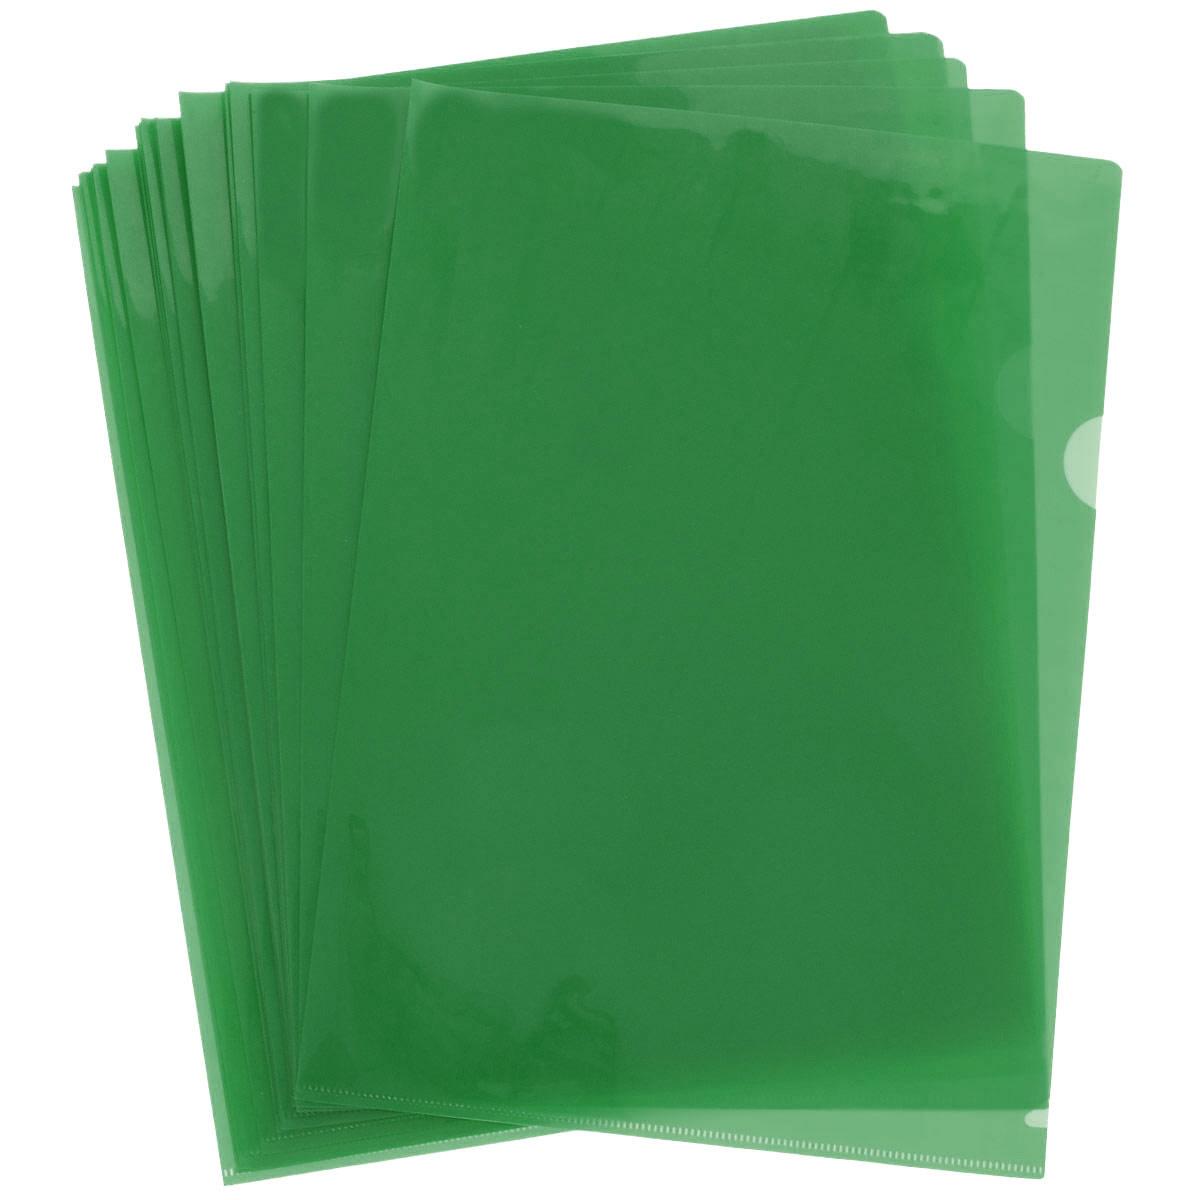 Папка-уголок Sponsor, цвет: зеленый. Формат А4, 20 штSF208-2/GR/RПапка-уголок Sponsor, изготовленная из высококачественного полипропилена, это удобный и практичный офисный инструмент, предназначенный для хранения и транспортировки рабочих бумаг и документов формата А4. Полупрозрачная глянцевая папка имеет опрятный и неброский вид. В наборе - 20 папок.Папка-уголок - это незаменимый атрибут для студента, школьника, офисного работника. Такая папка надежно сохранит ваши документы и сбережет их от повреждений, пыли и влаги.Комплектация: 20 шт.